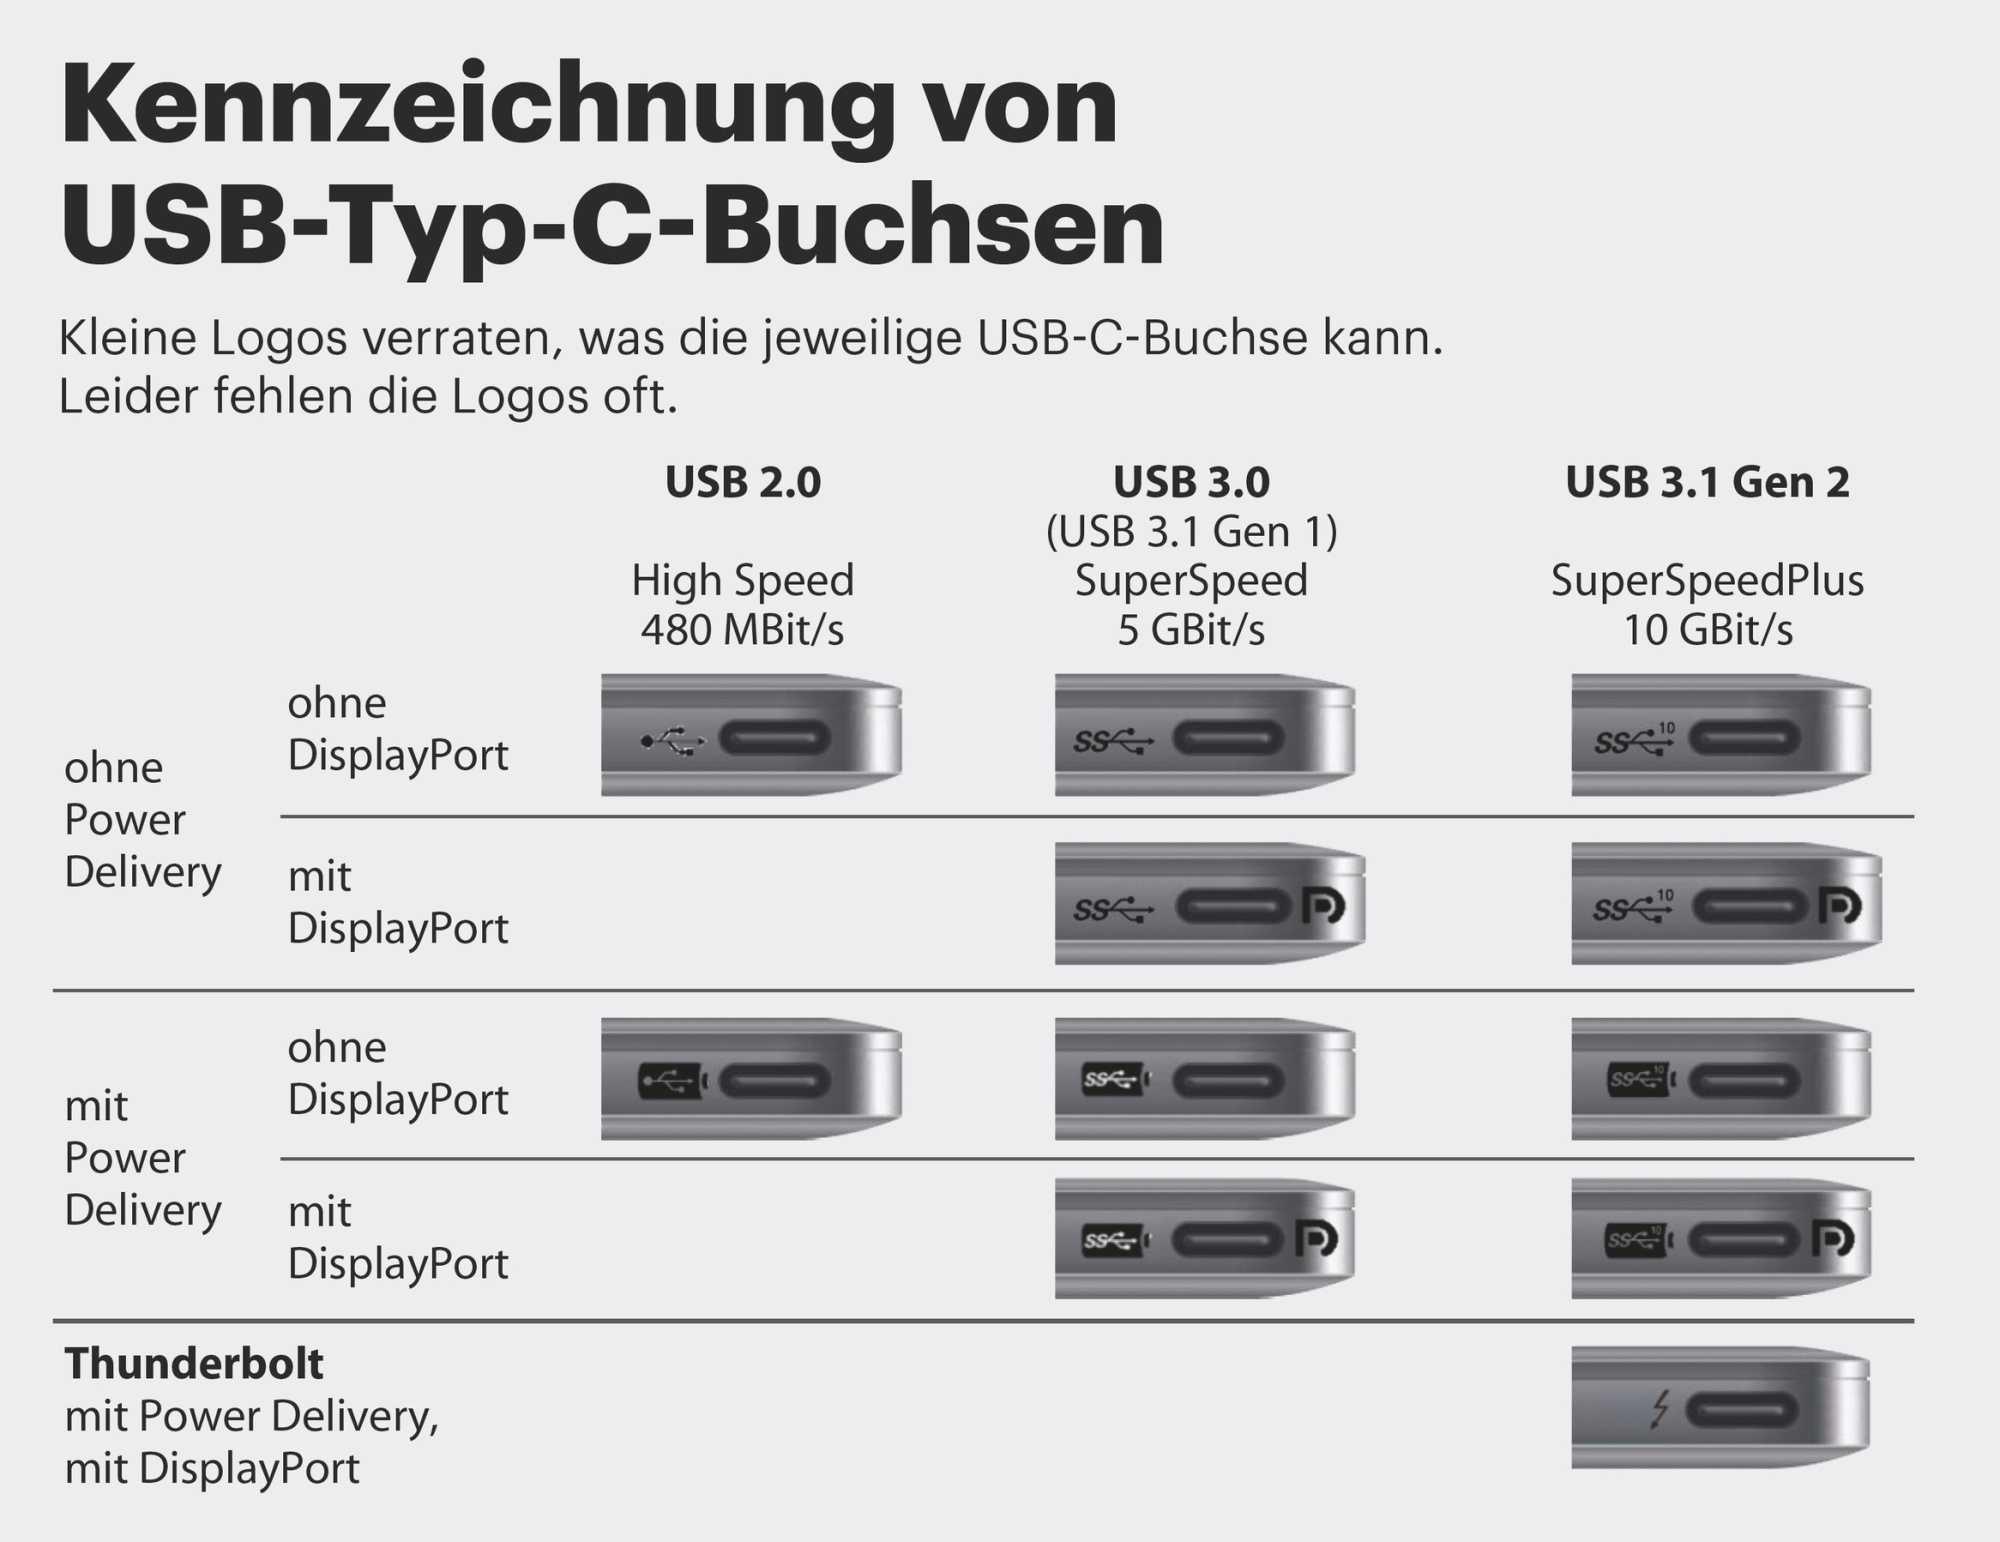 Die Kennzeichnung von USB-C-Buchsen verwirrt - und obendrein fehlt sie oft ganz.